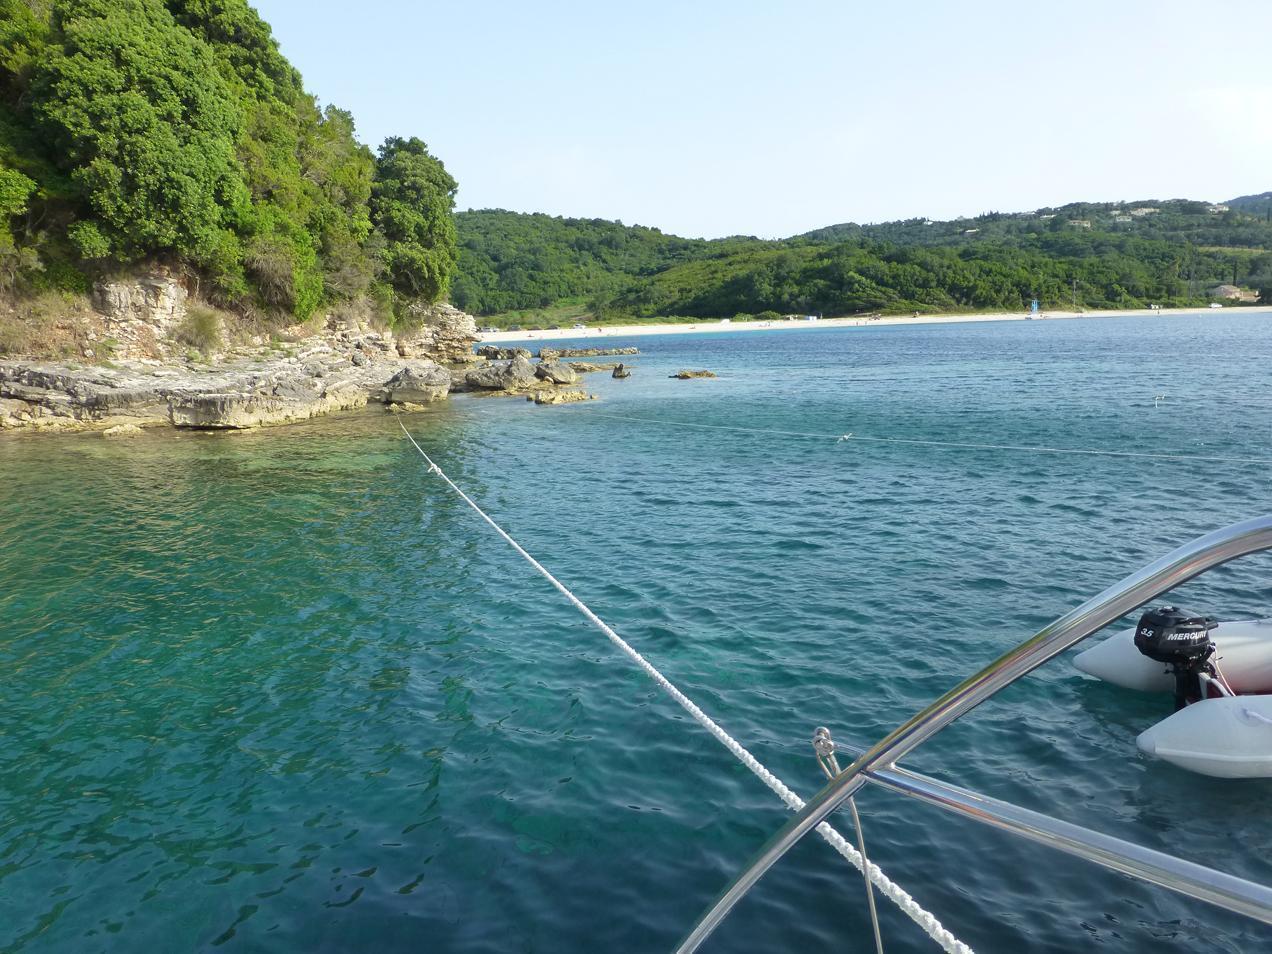 הפלגה ליוון עם דרך הים - עגינת היאכטה בריפים מרהיבים